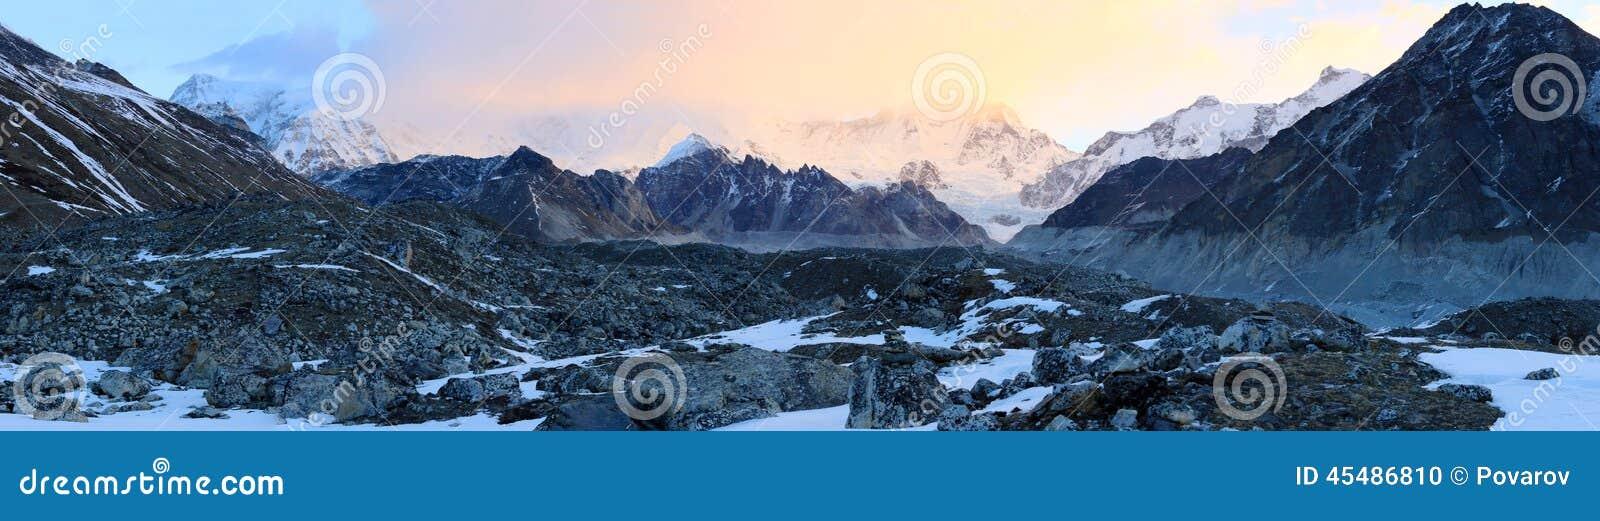 在山卓奥友峰,喜马拉雅山的日出